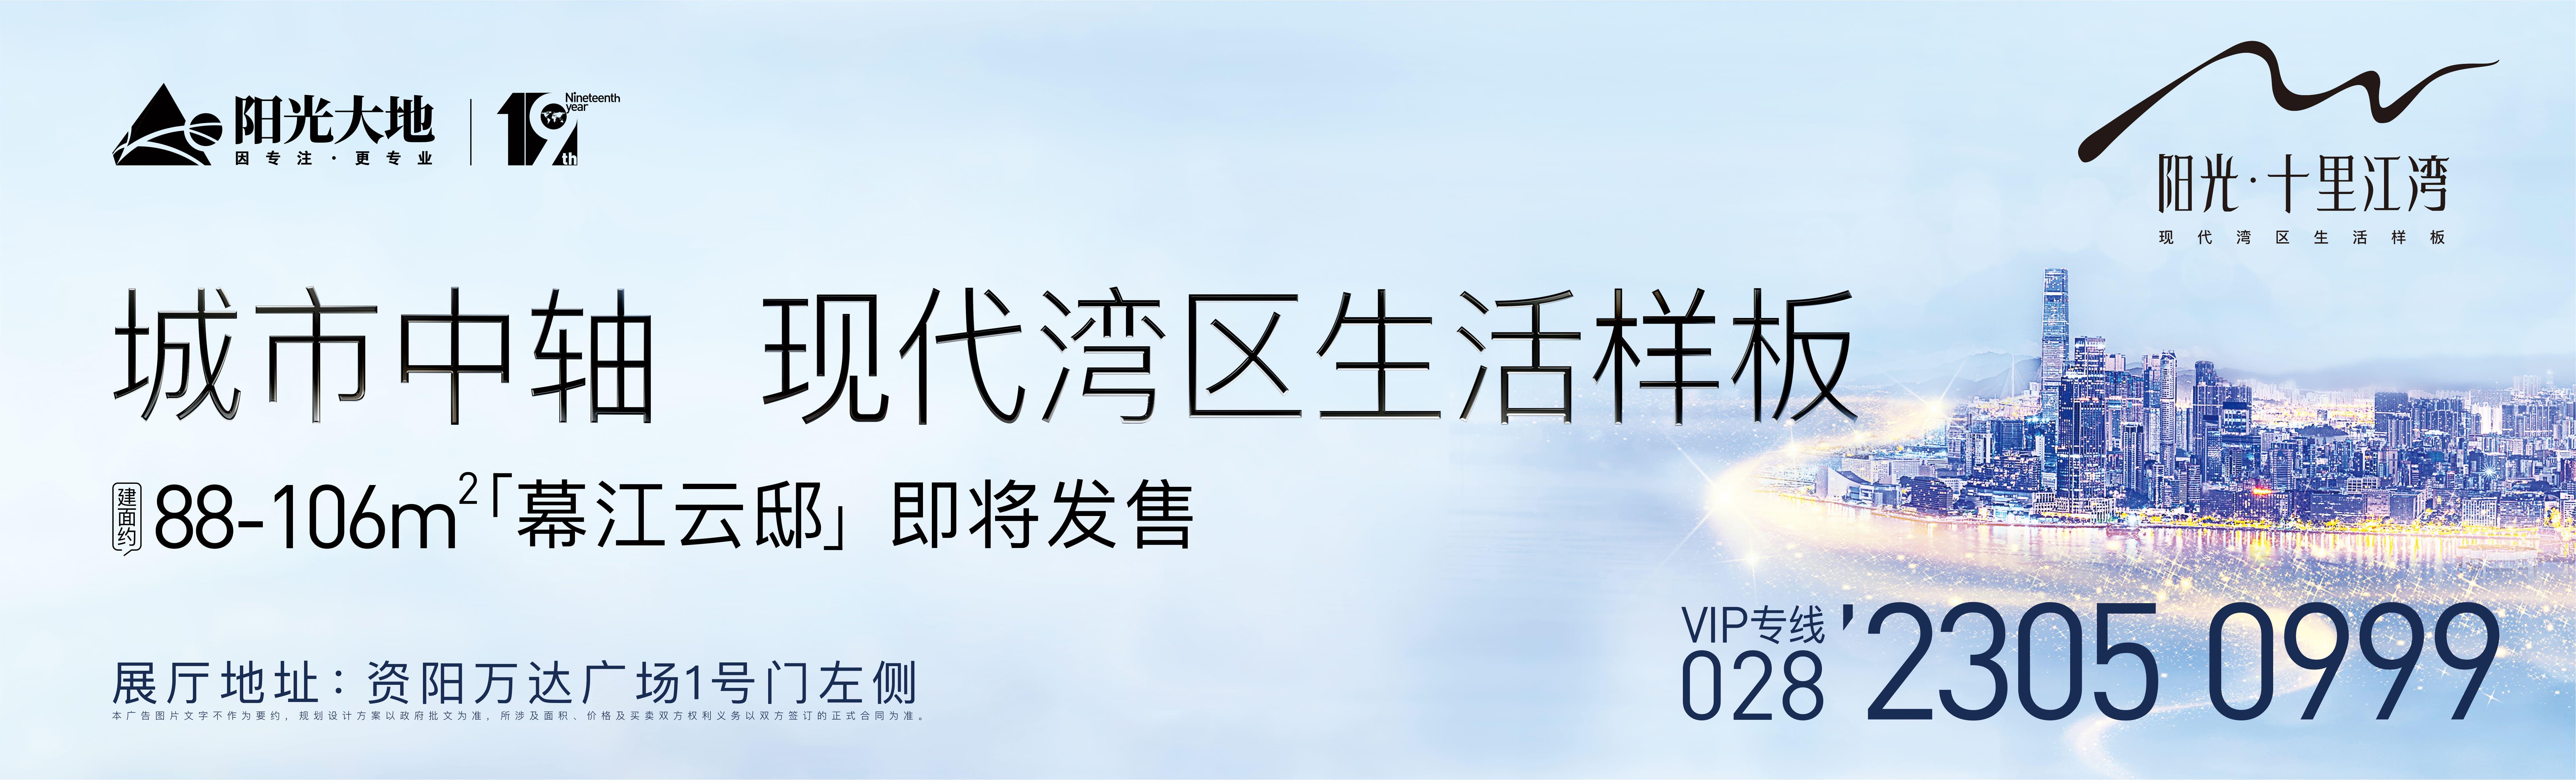 2020-5-29 阳光十里江湾.jpg